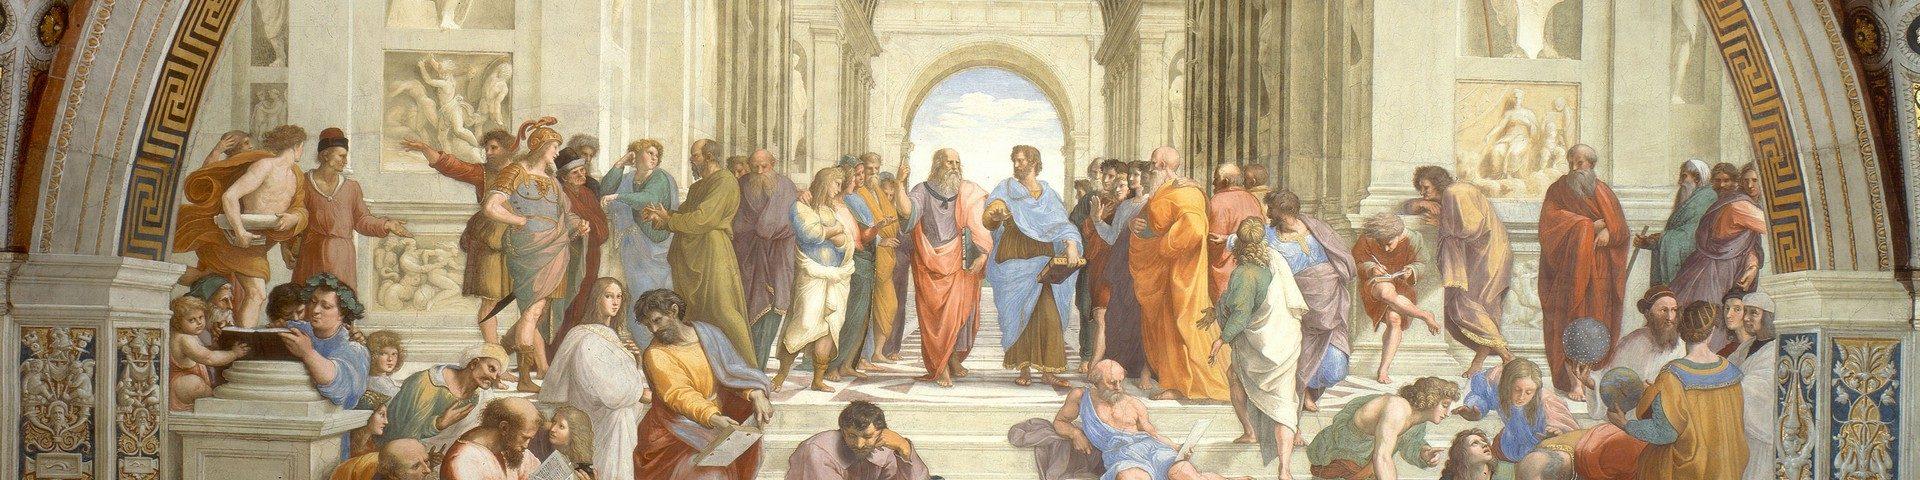 vatican colosseum tour